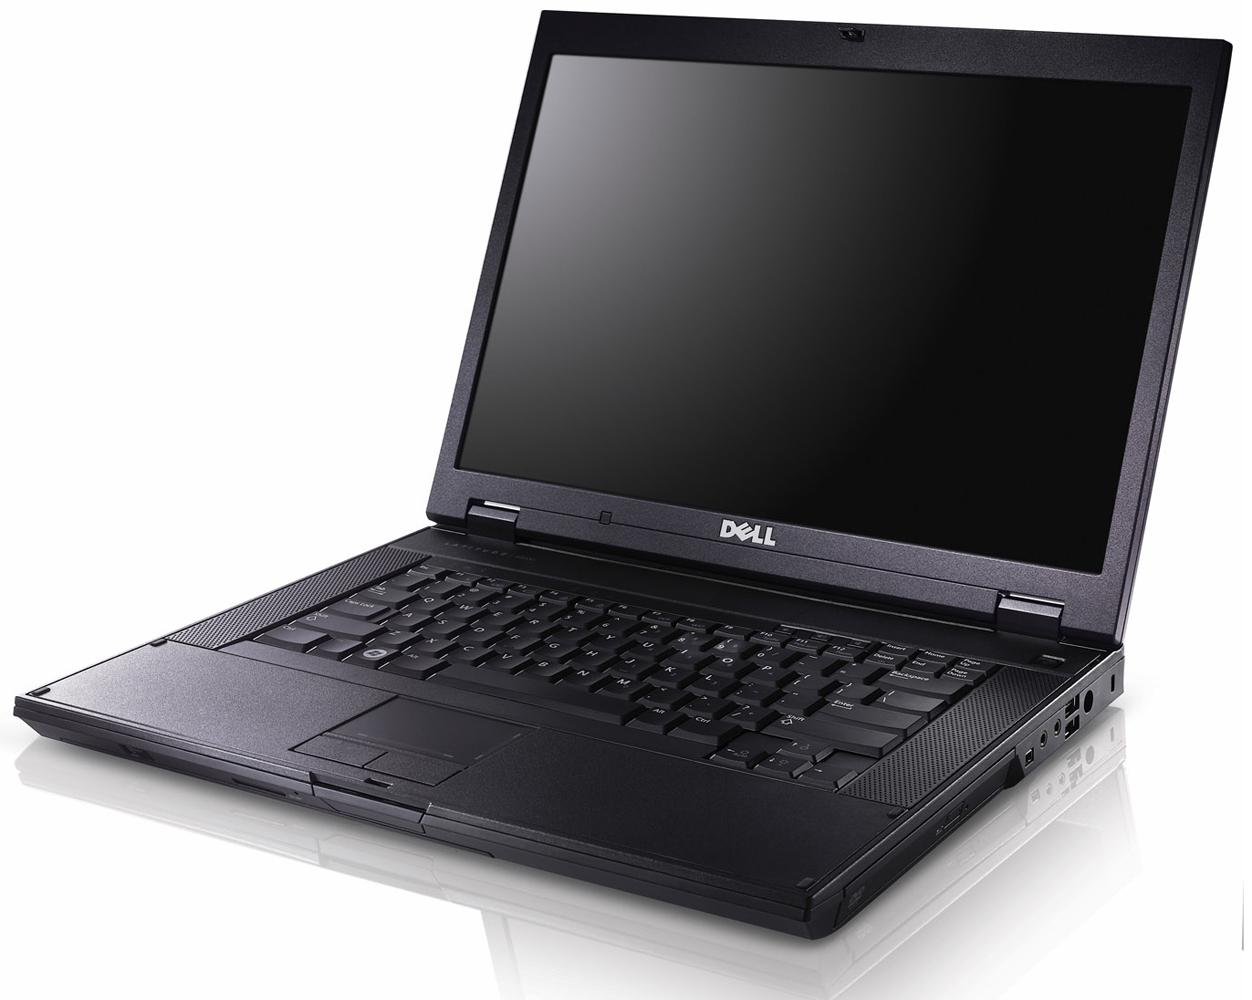 Dell Latitude E5500 Heat Sync For Sale